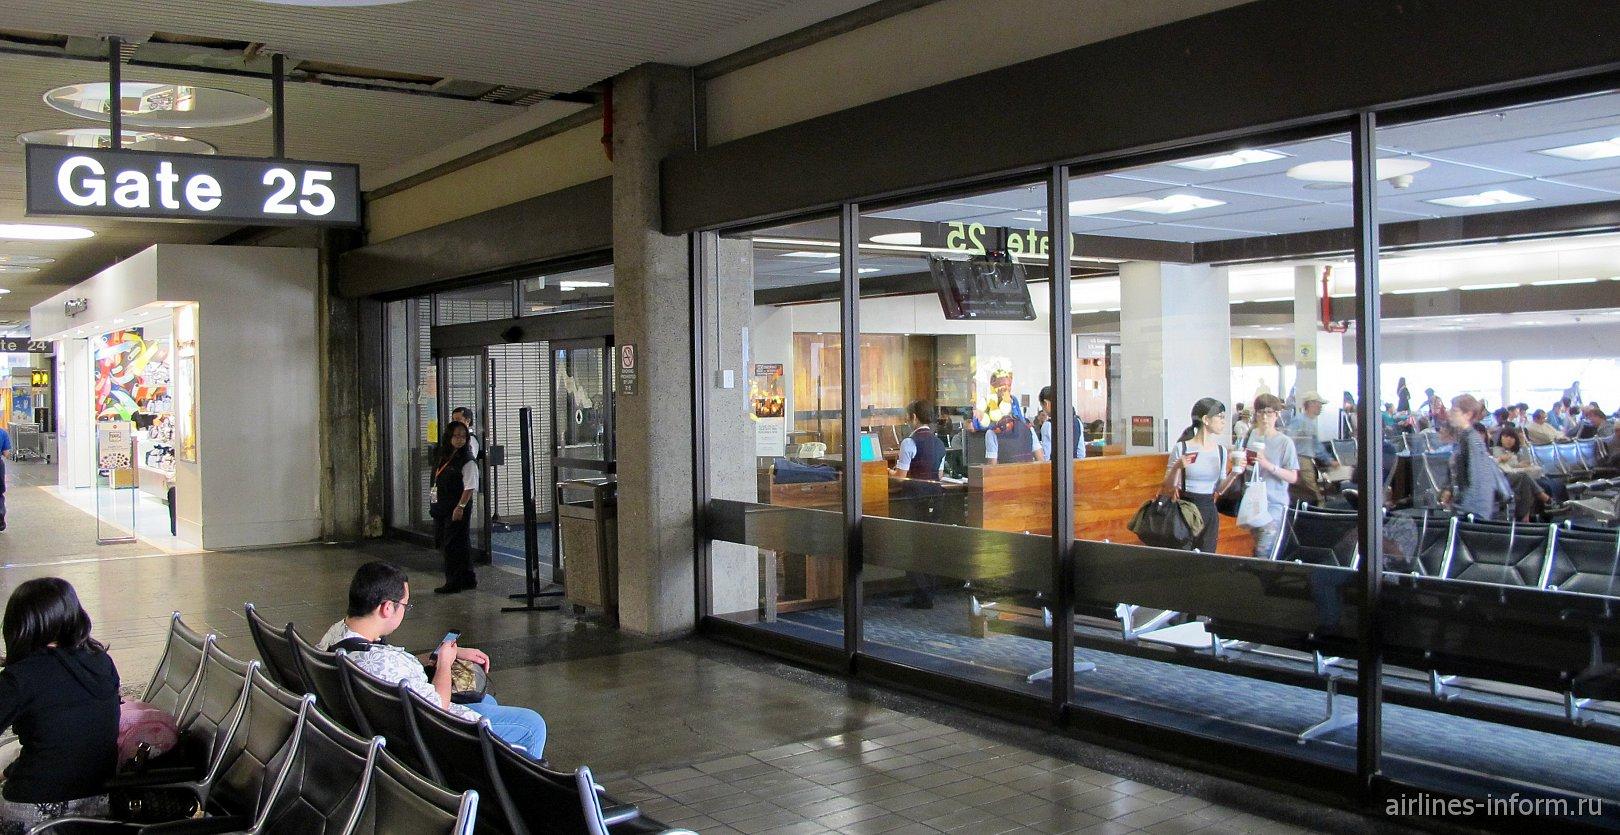 Накопитель перед гейтом на посадку в аэропорту Гонолулу